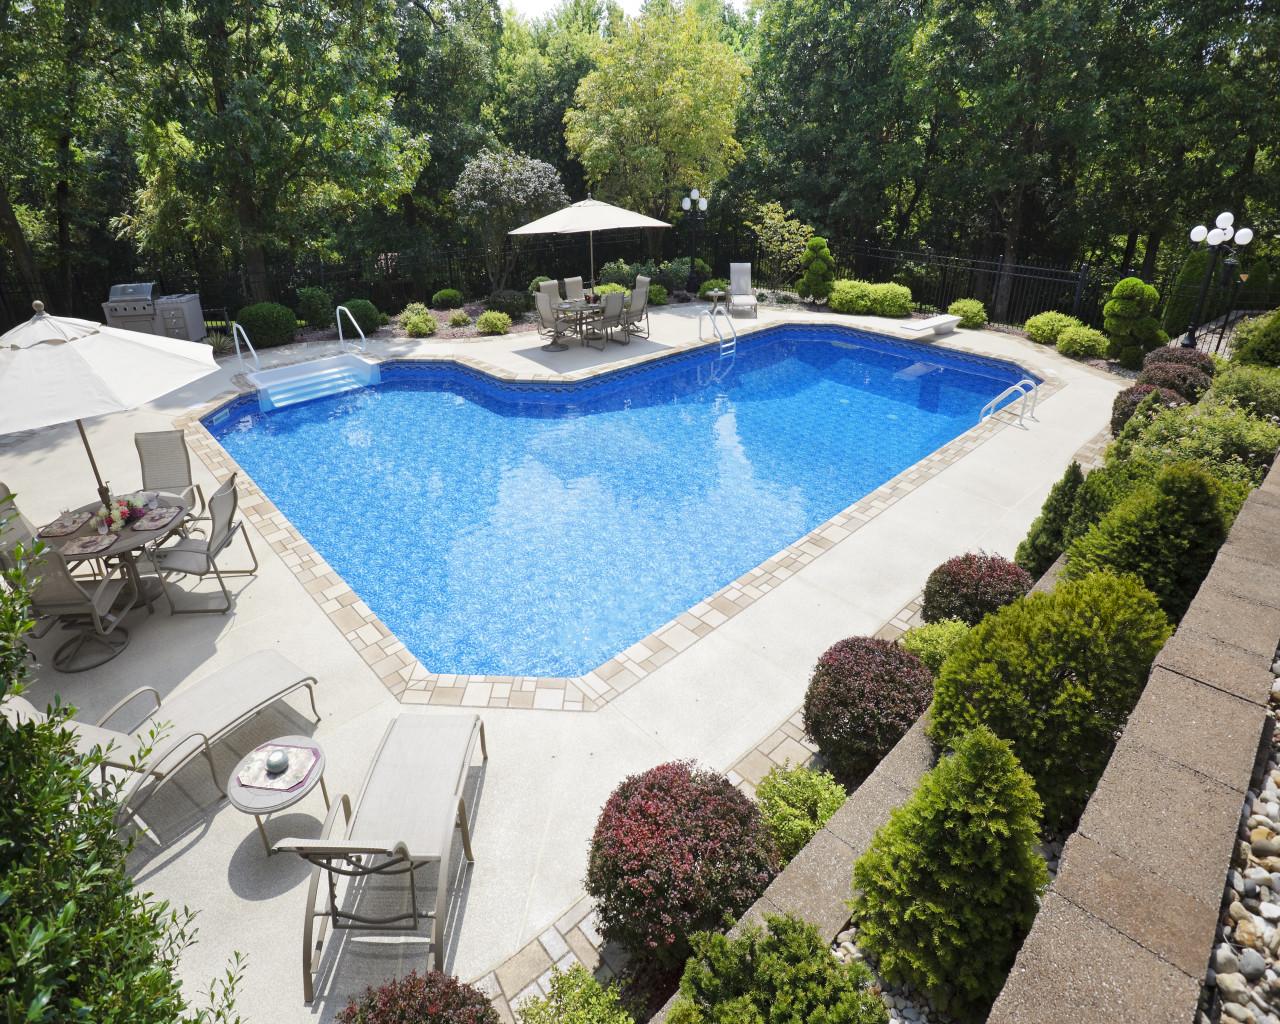 34 - Ell Pool